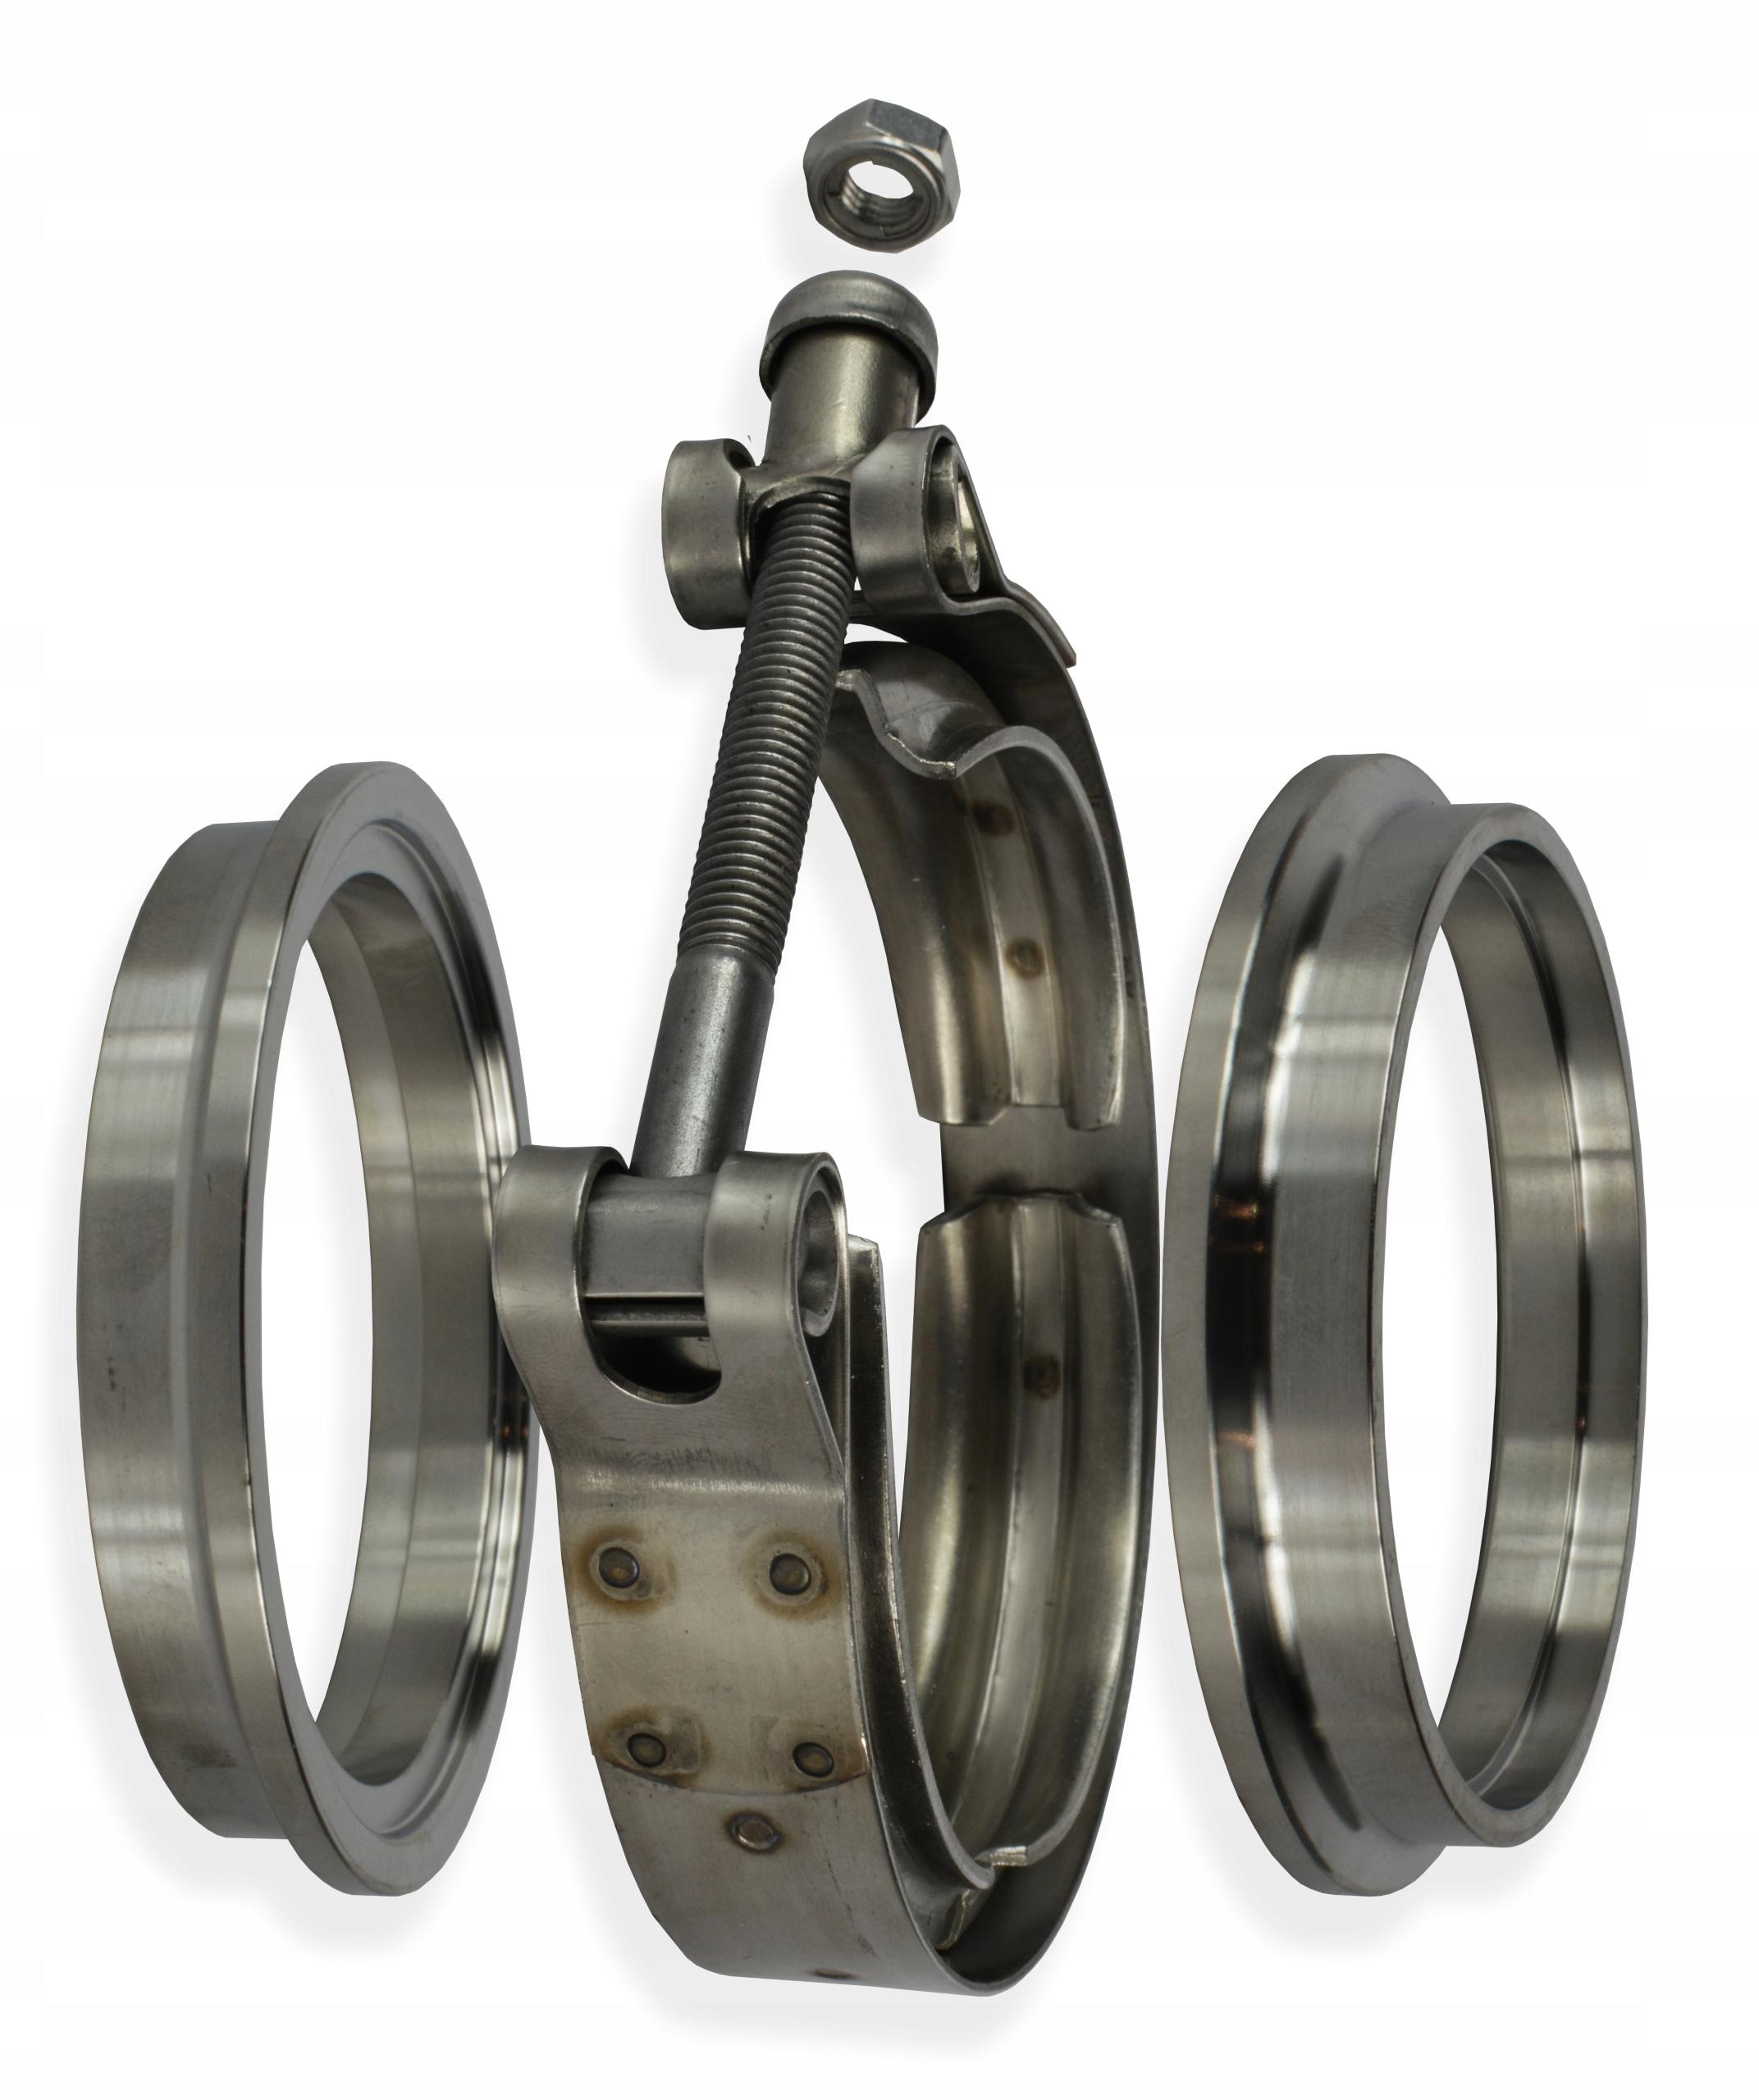 зажим v-band fmic pro 76mm 3 дюйма